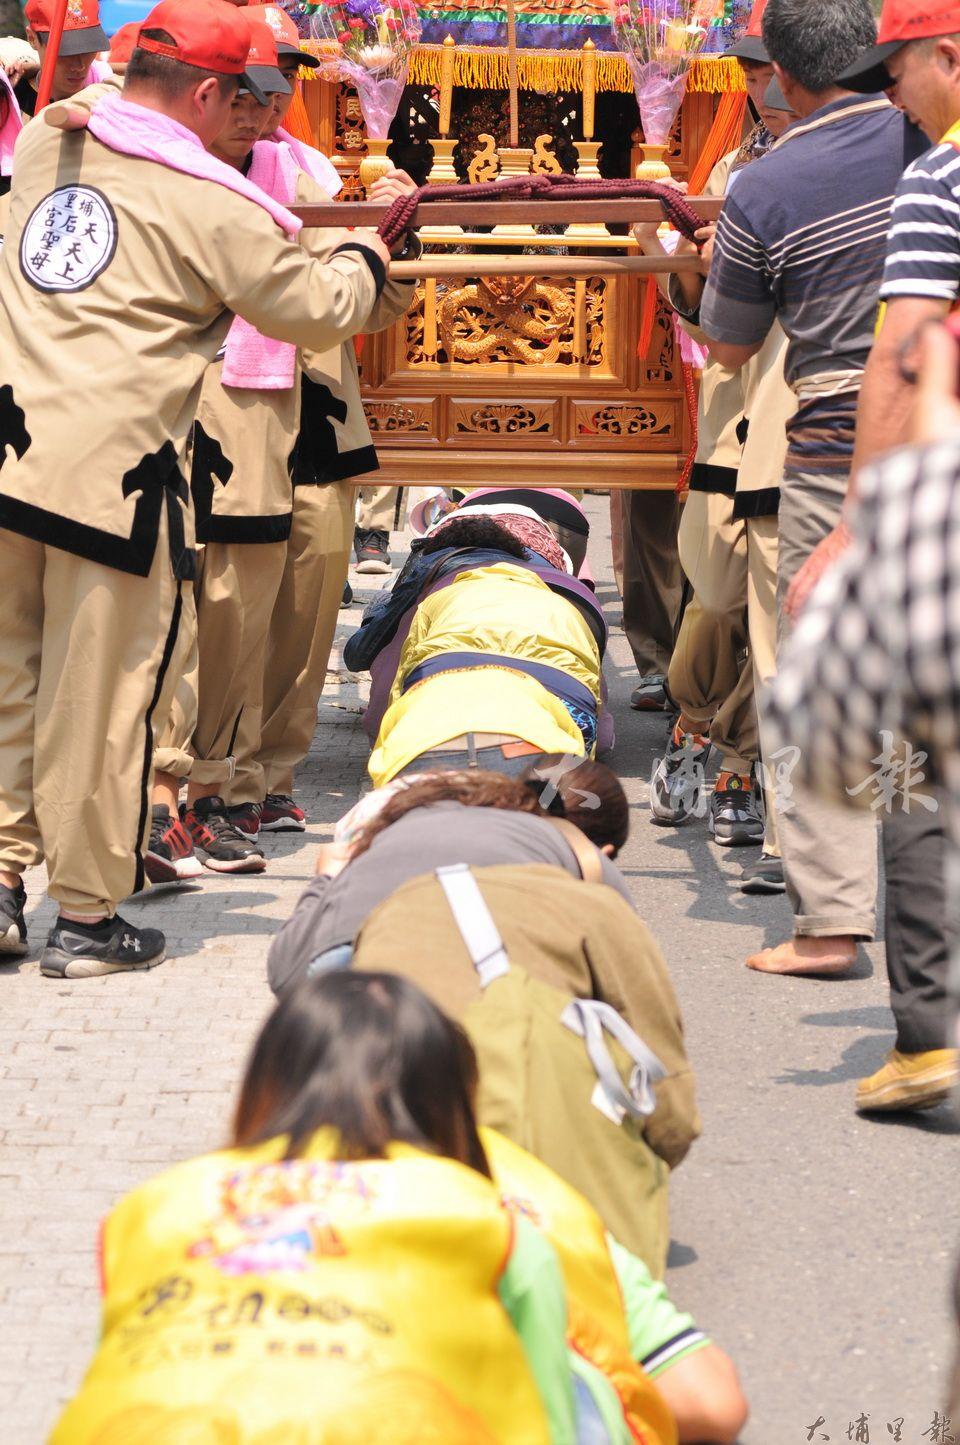 埔里媽祖文化節,大批信徒蹲跪「躦轎腳」。(柏原祥 攝)